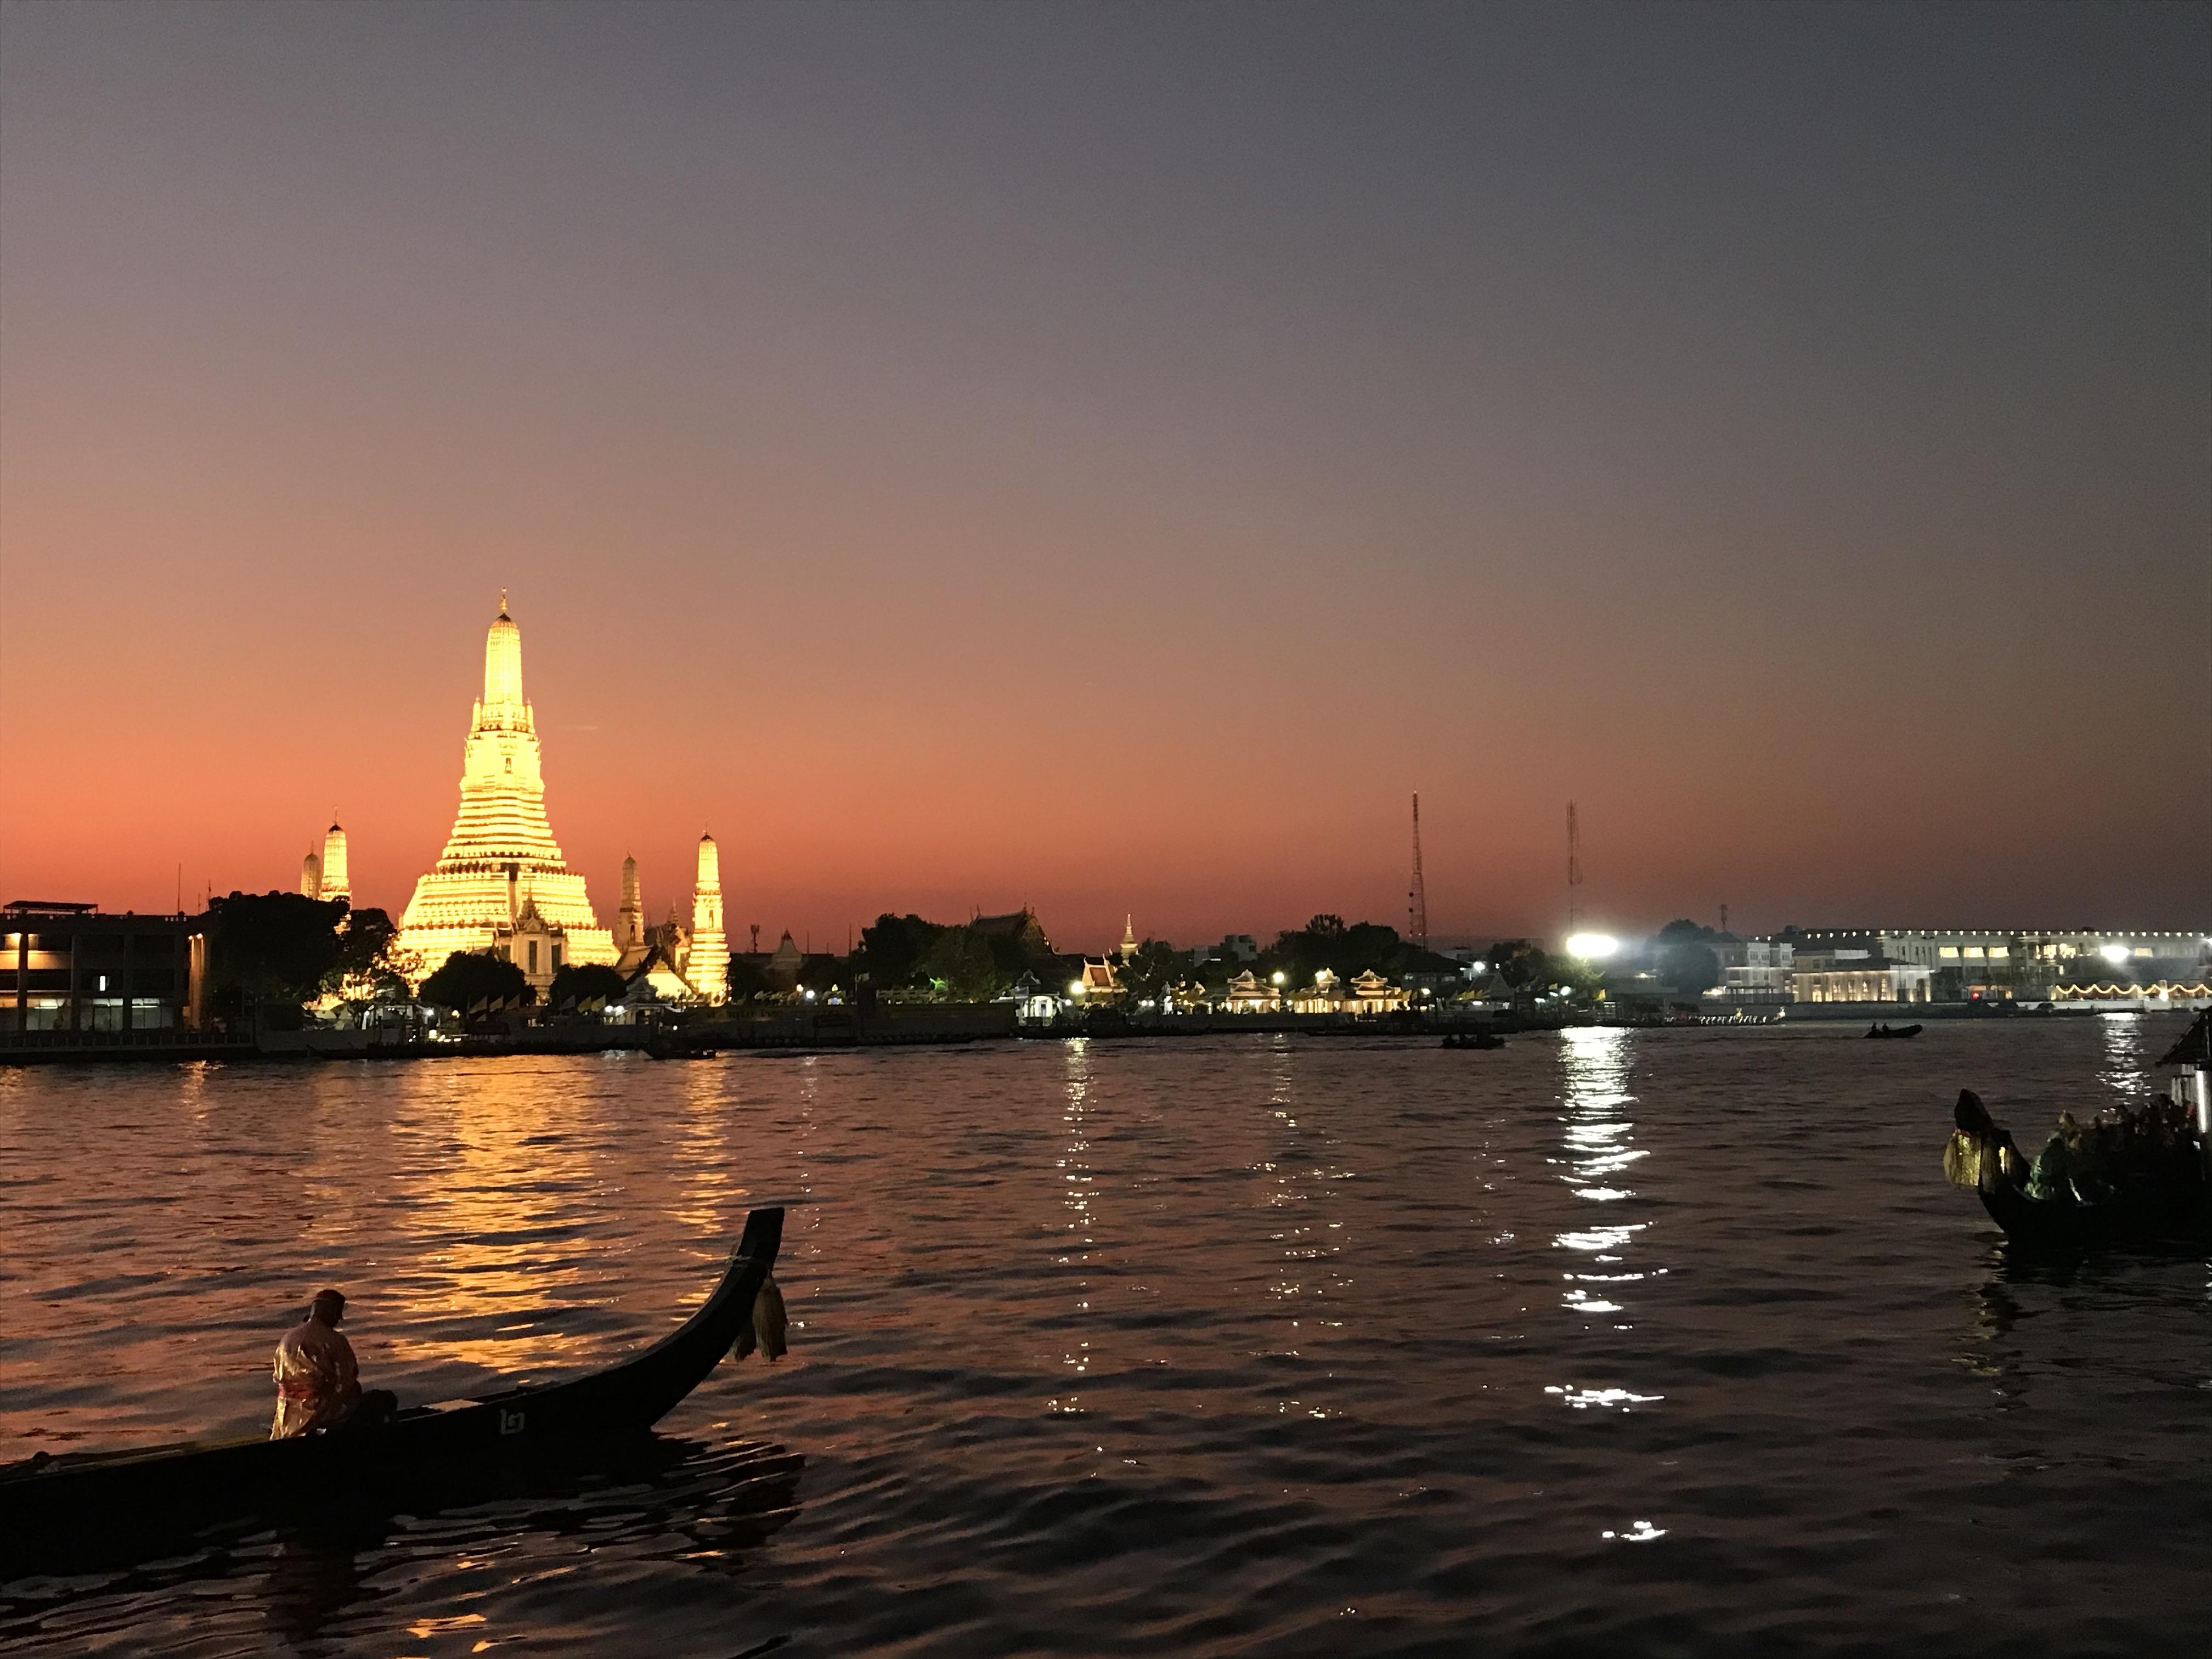 2020最新!【タイ・バンコク周辺の物価情報】食べ物や交通費から観光費まで!隣国との比較あり